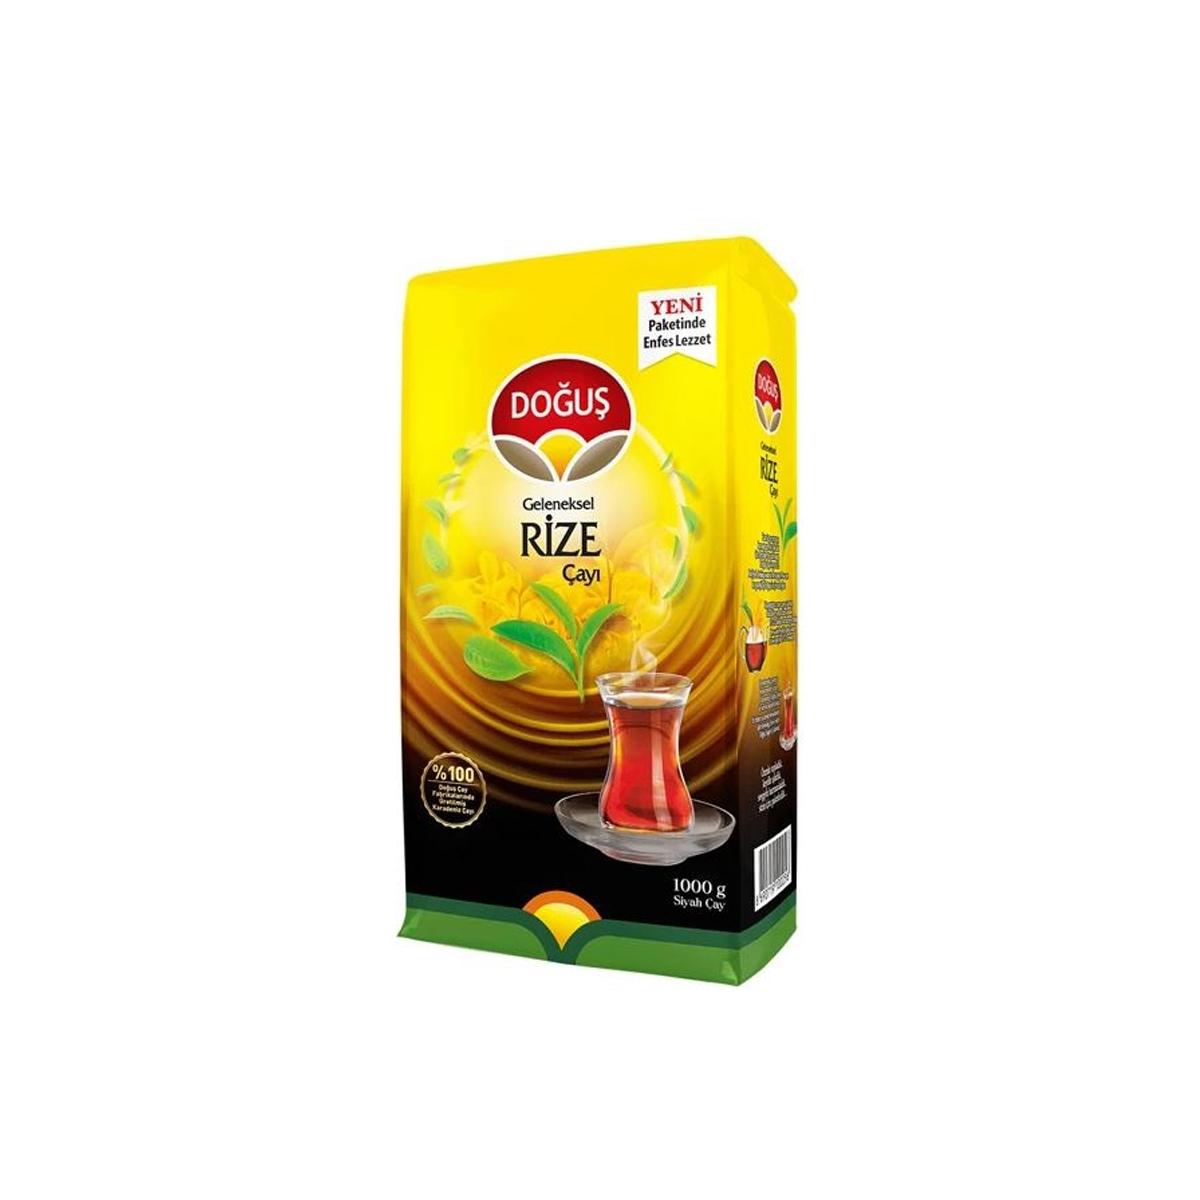 Doğuş Geleneksel Rize Çayı 1000gr 12'li Koli resmi